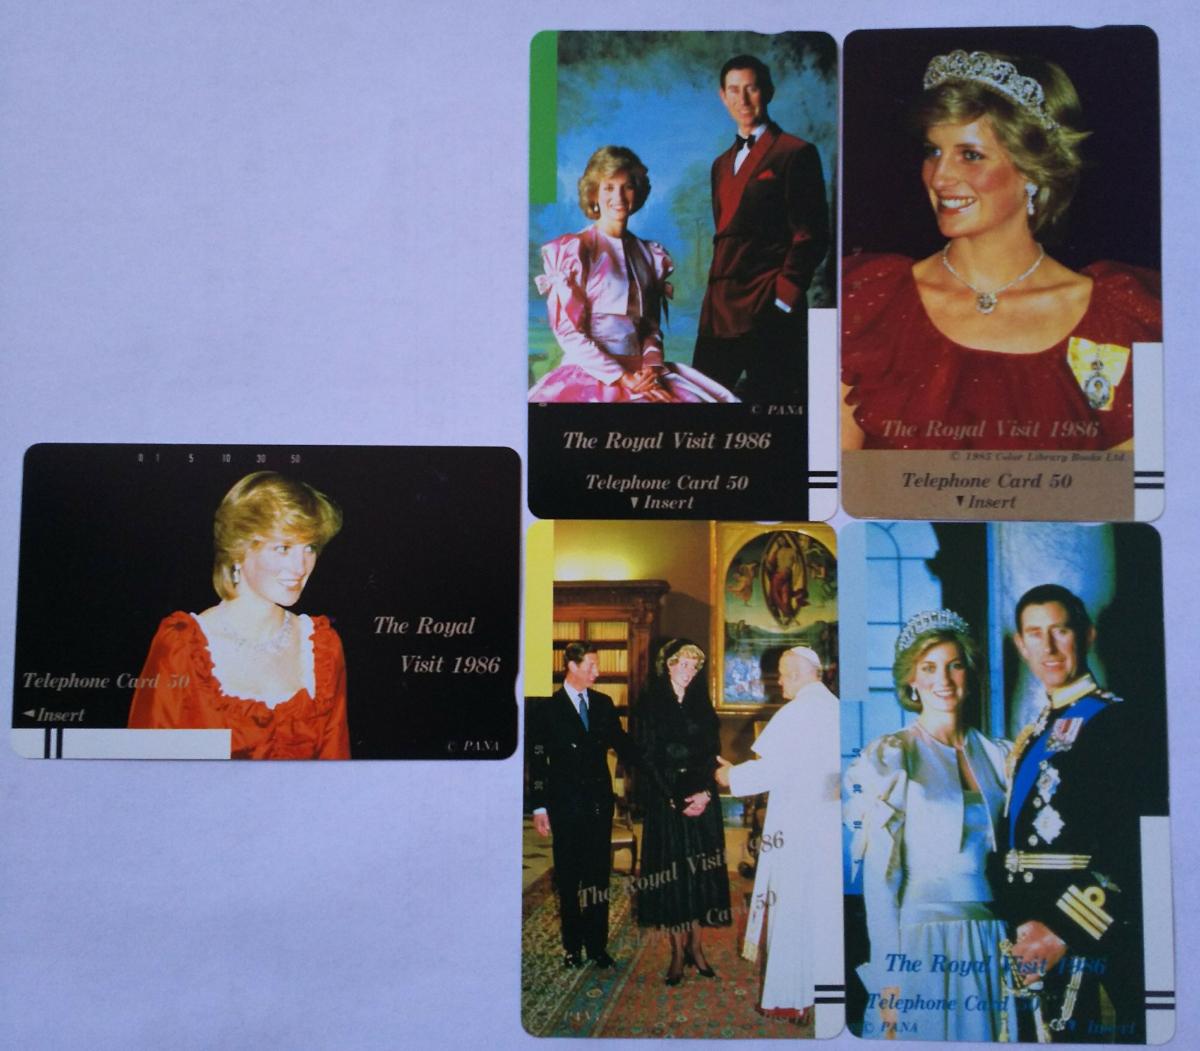 英王室 皇室 チャールズ皇太子 & ダイアナ妃 ロイヤルウエディング 記念 テレホンカード 50度5枚セット / ヘンリー王子 メーガン妃_希少な限定テレカを5枚セットでどうぞ!